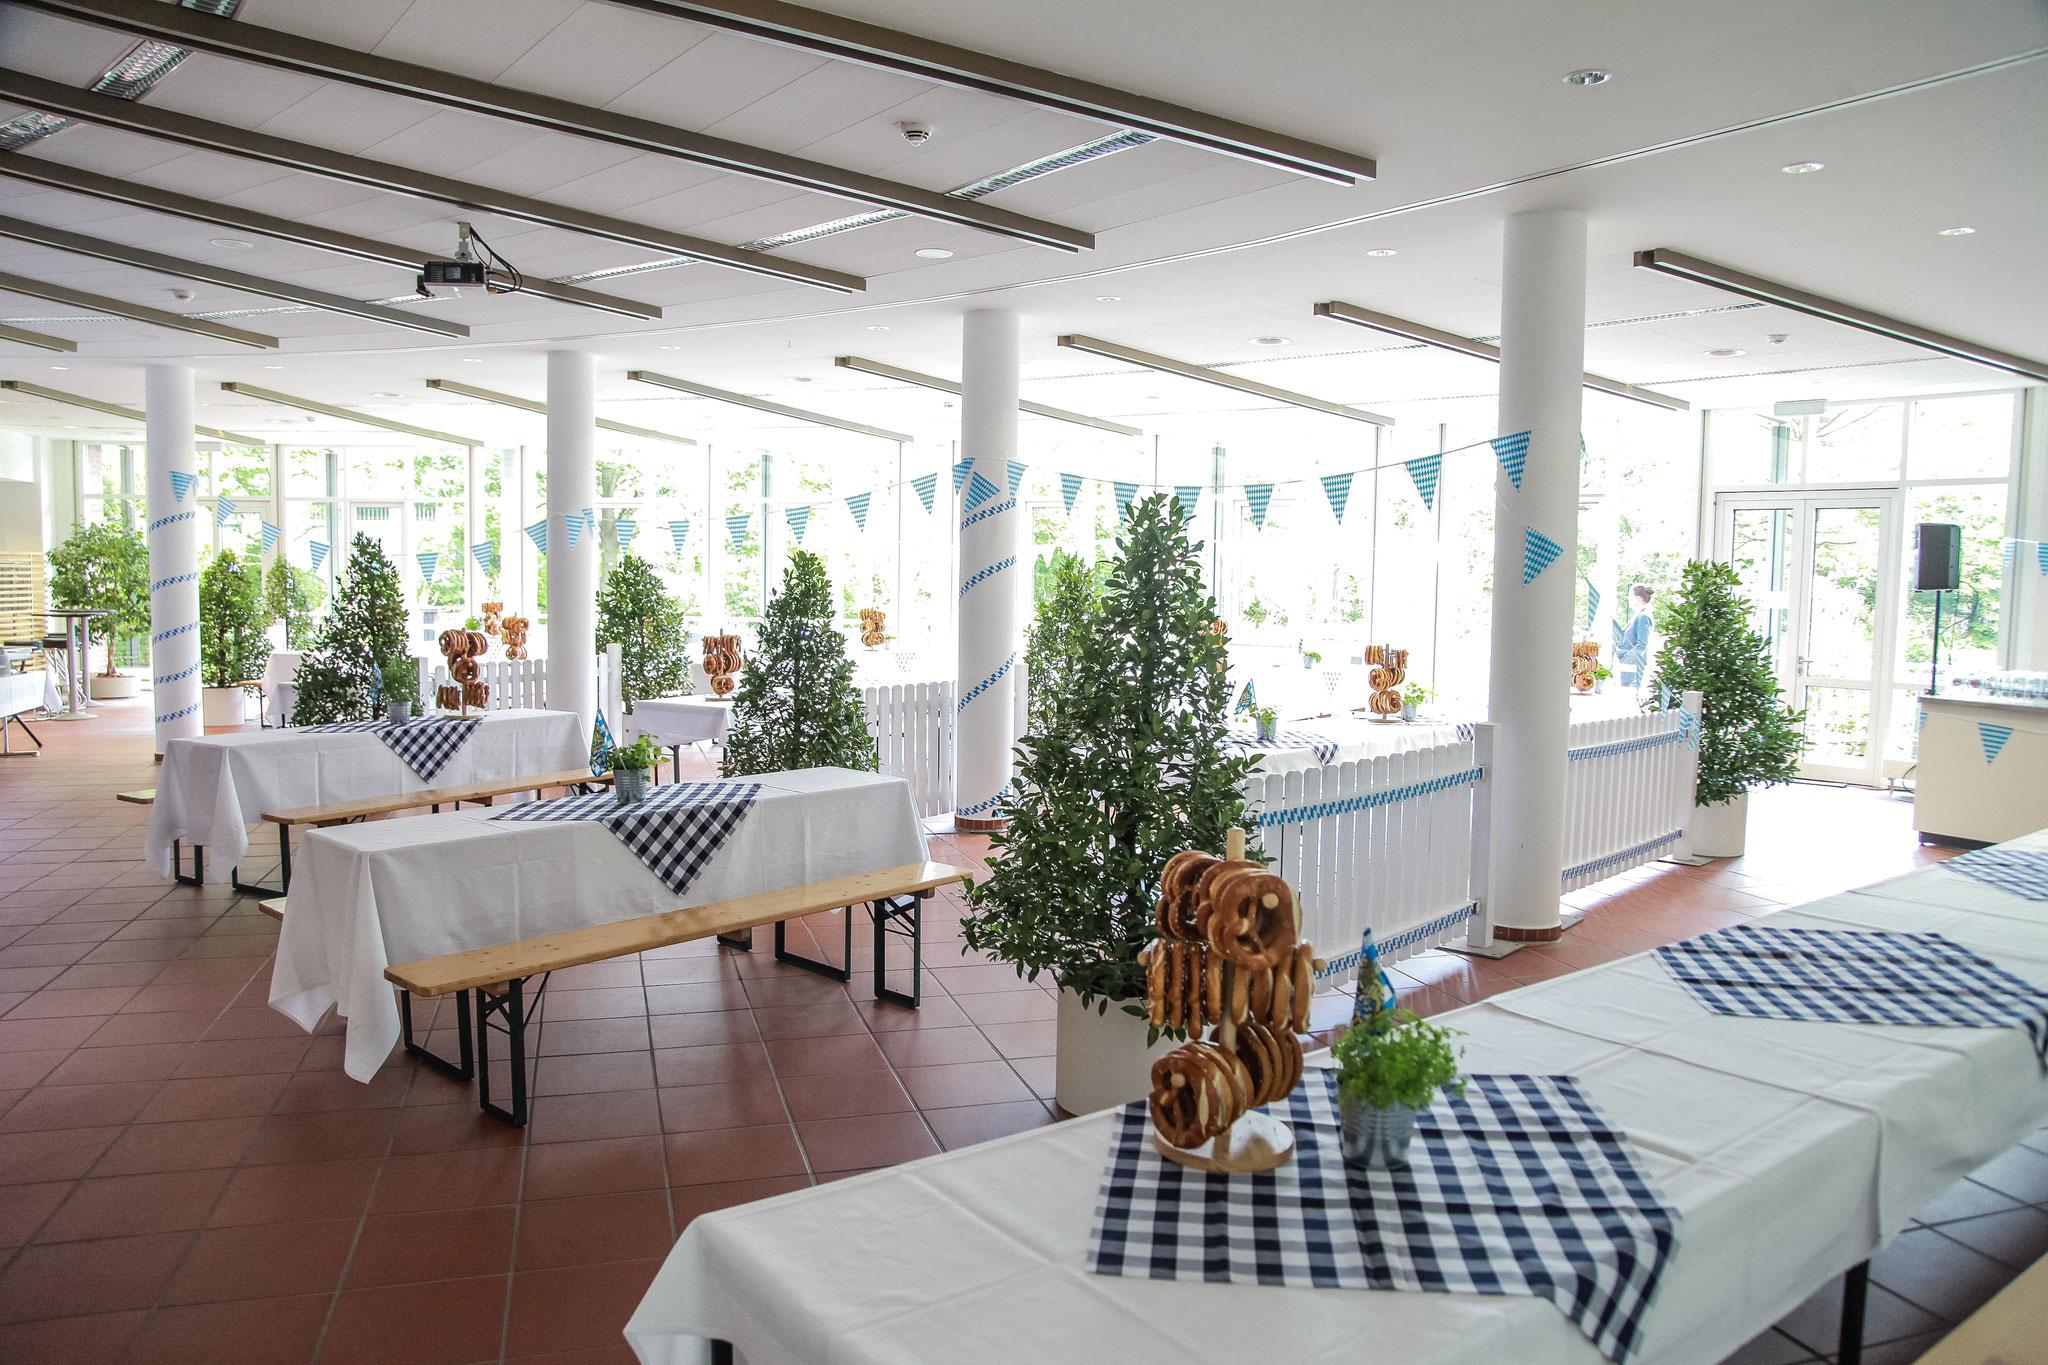 """<h1>Mobiles Oktoberfest!</h1> Ihr Oktoberfest mit hübsch dekorierten Tischen und Bretzeln! <a href=""""https://www.highlight-eventoffice.eu/leistungen/eventkonzepte/mobiles-oktoberfest/""""><b>Weitere Infos zum Oktoberfest</b></a>"""